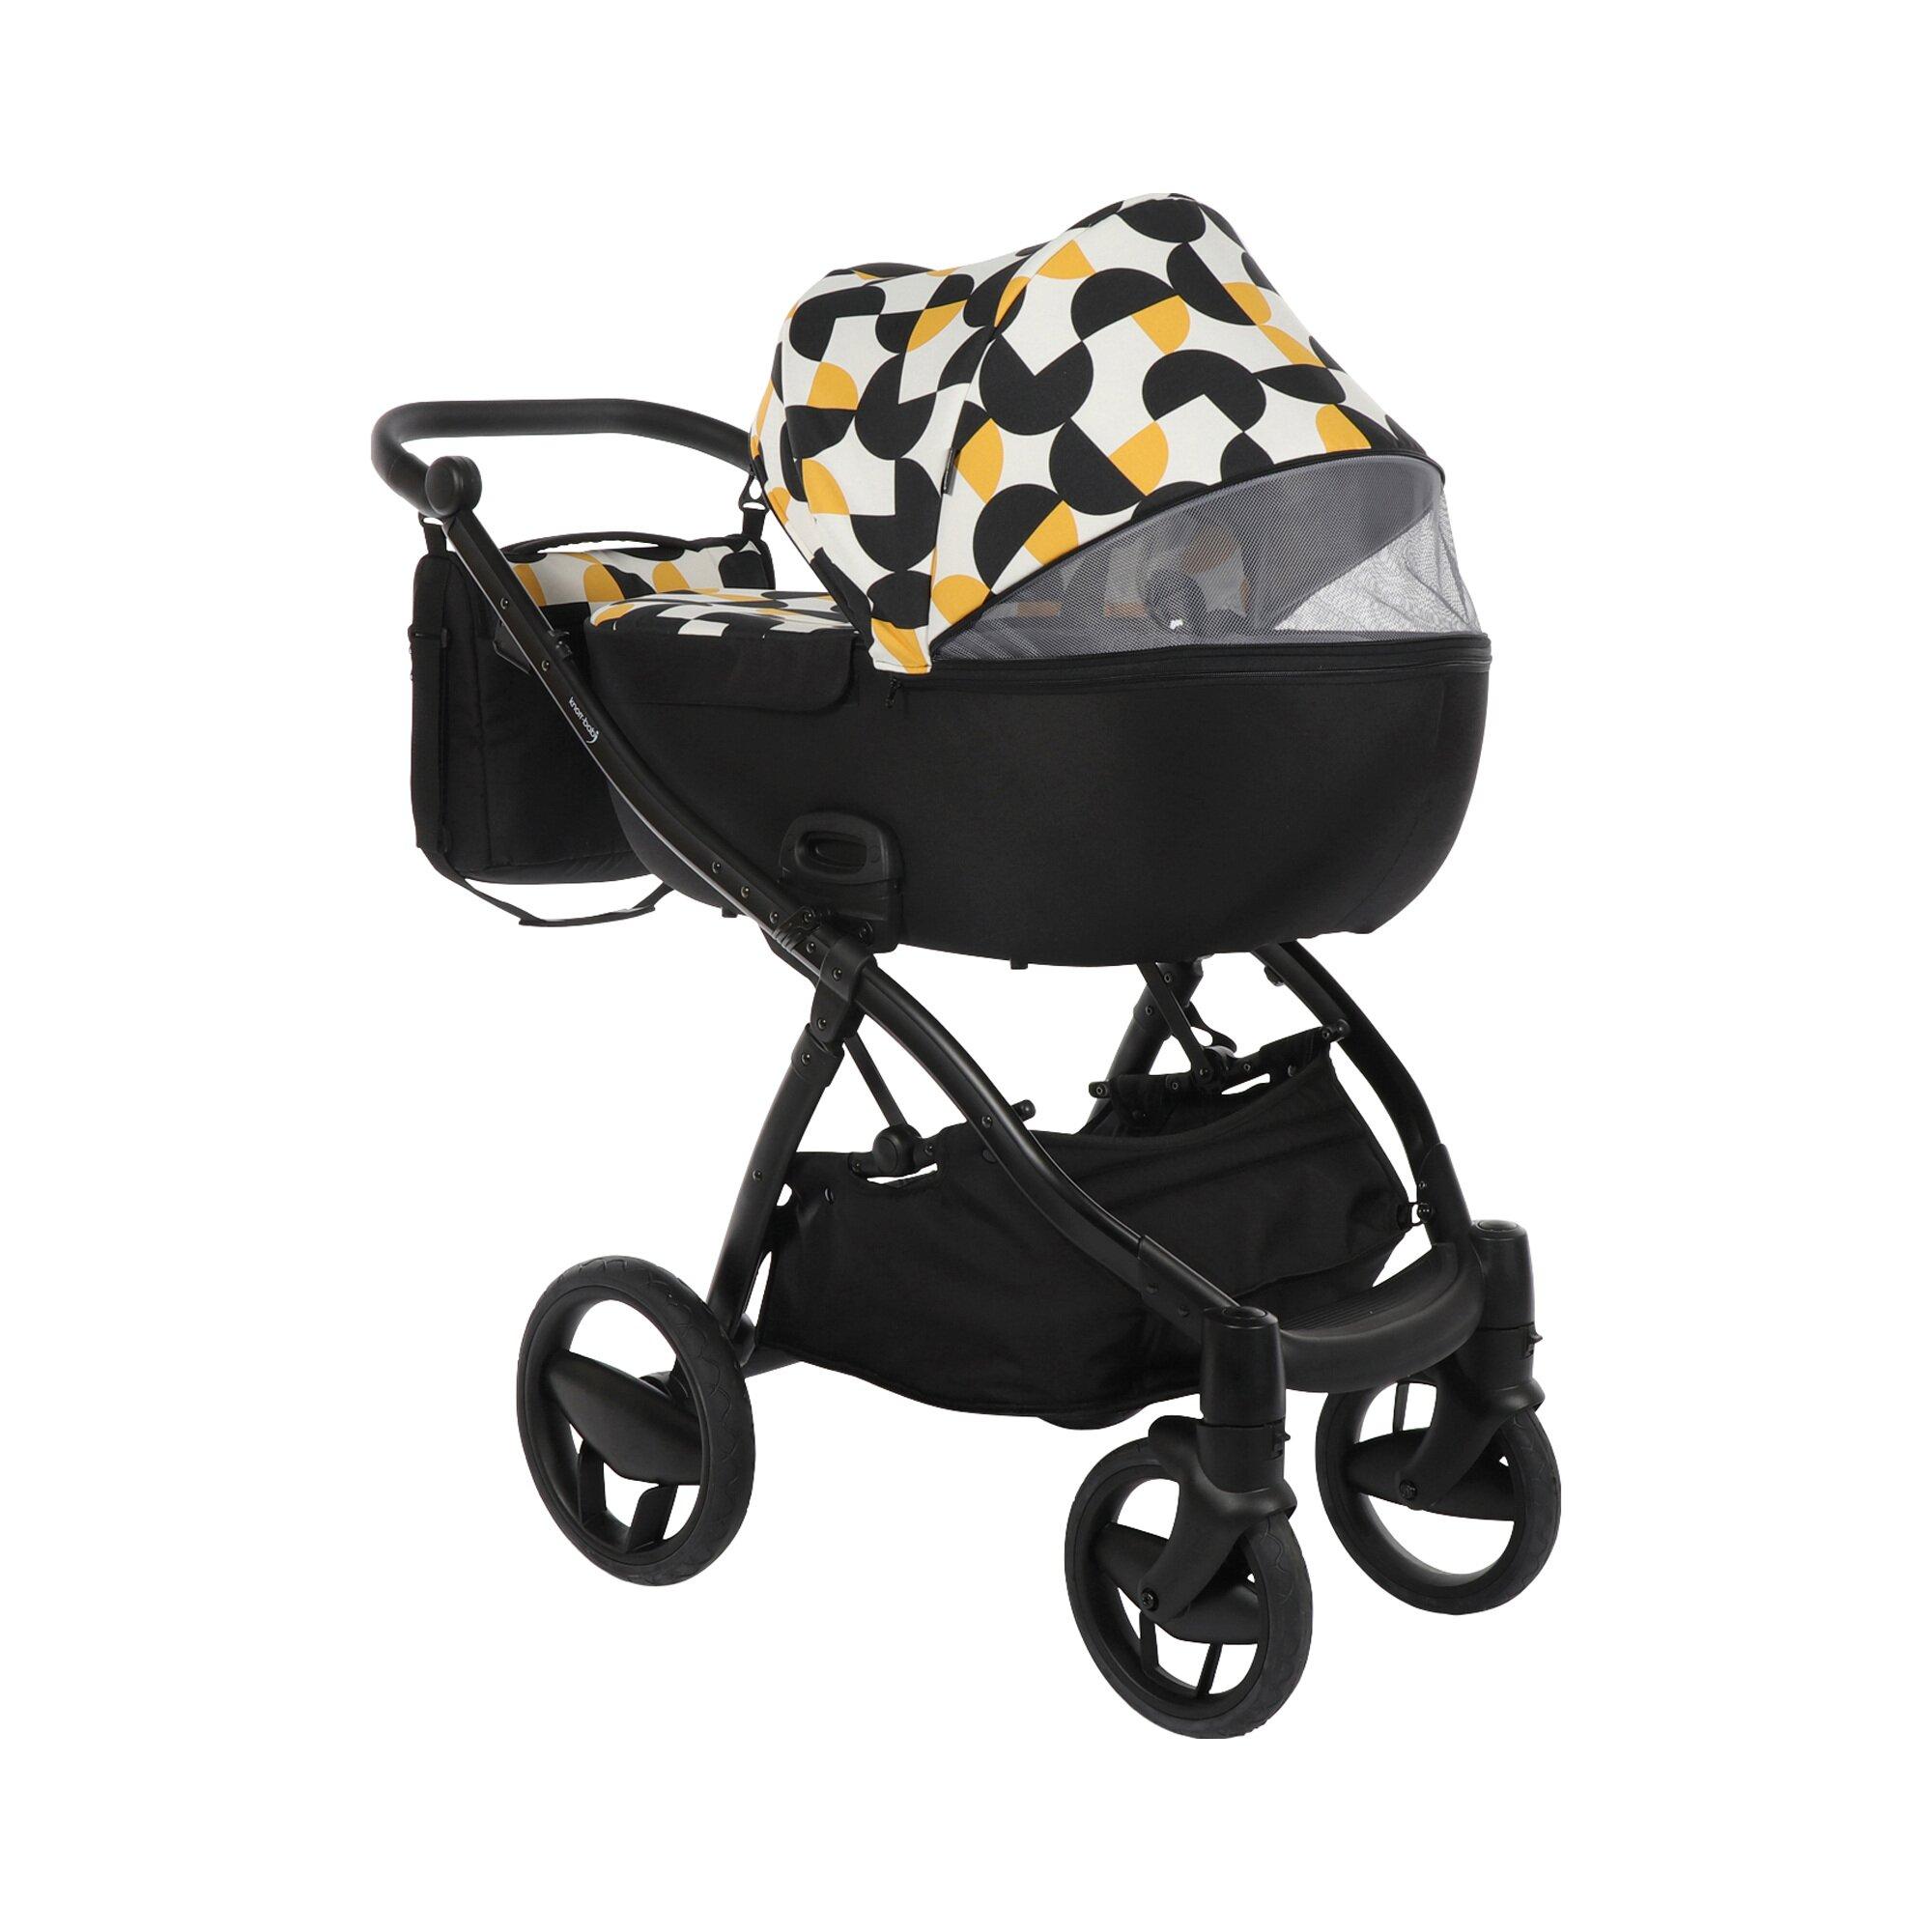 knorr-baby-piquetto-one-limited-edition-kombikinderwagen-schwarz